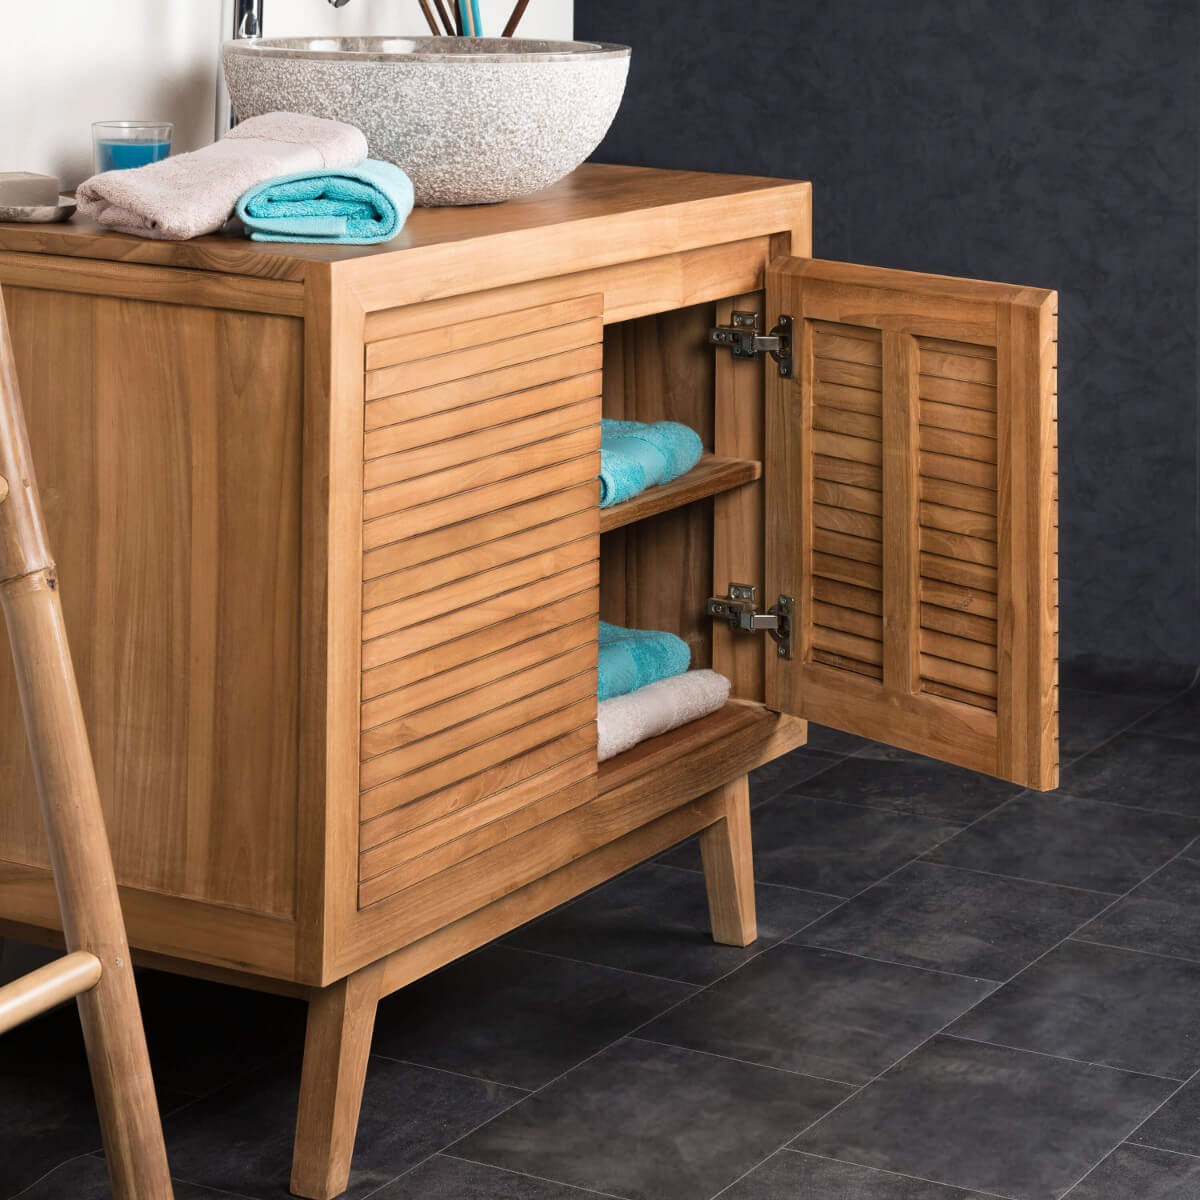 Meuble sous vasque simple vasque en bois teck massif vintage naturel l 90 cm - Meuble salle de bain solde ...